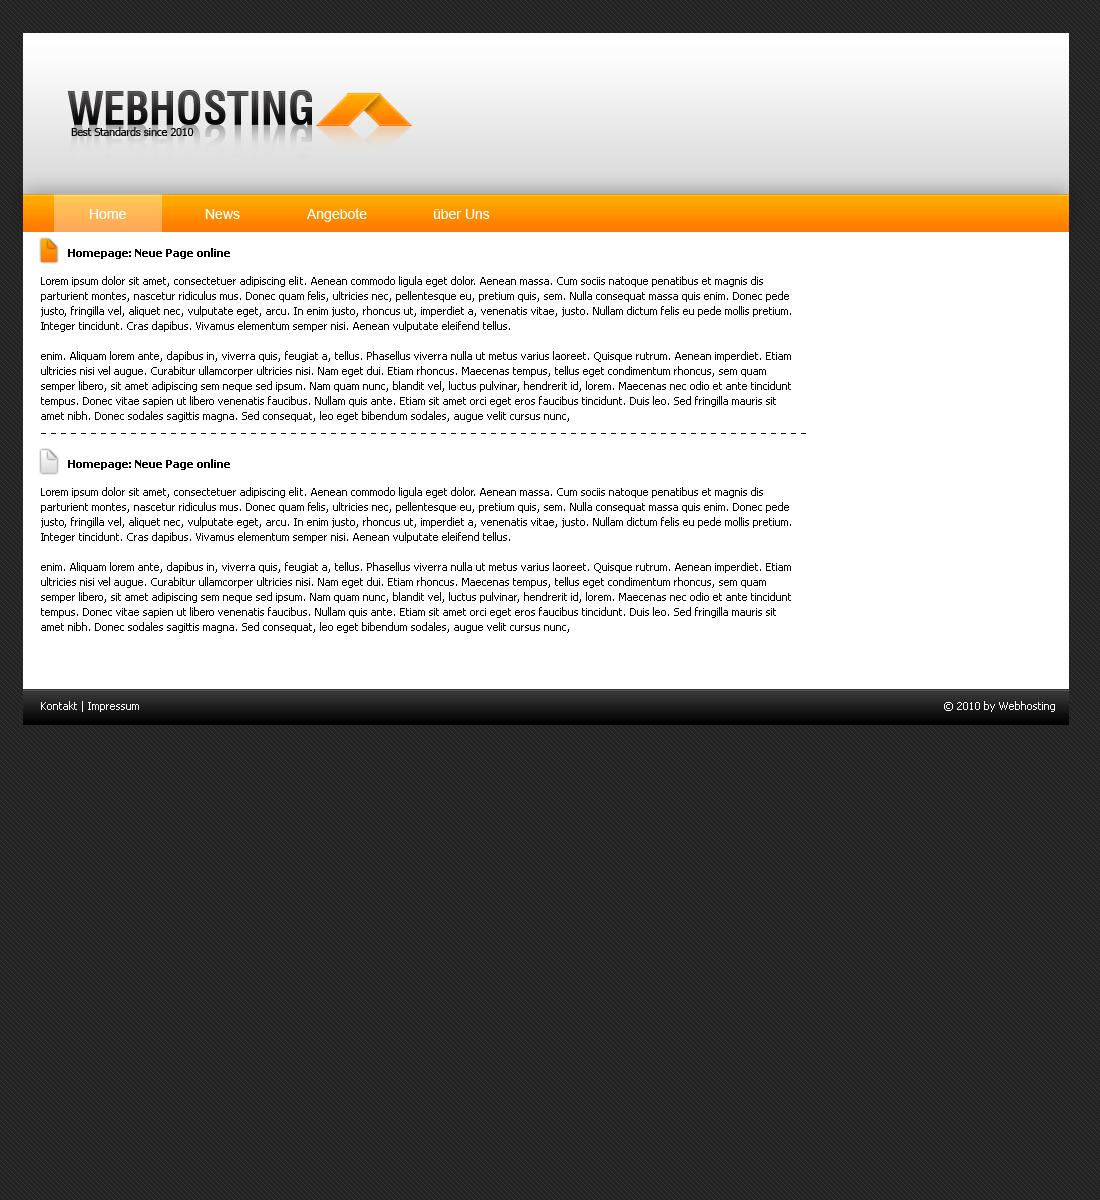 Simples Webhosting Template